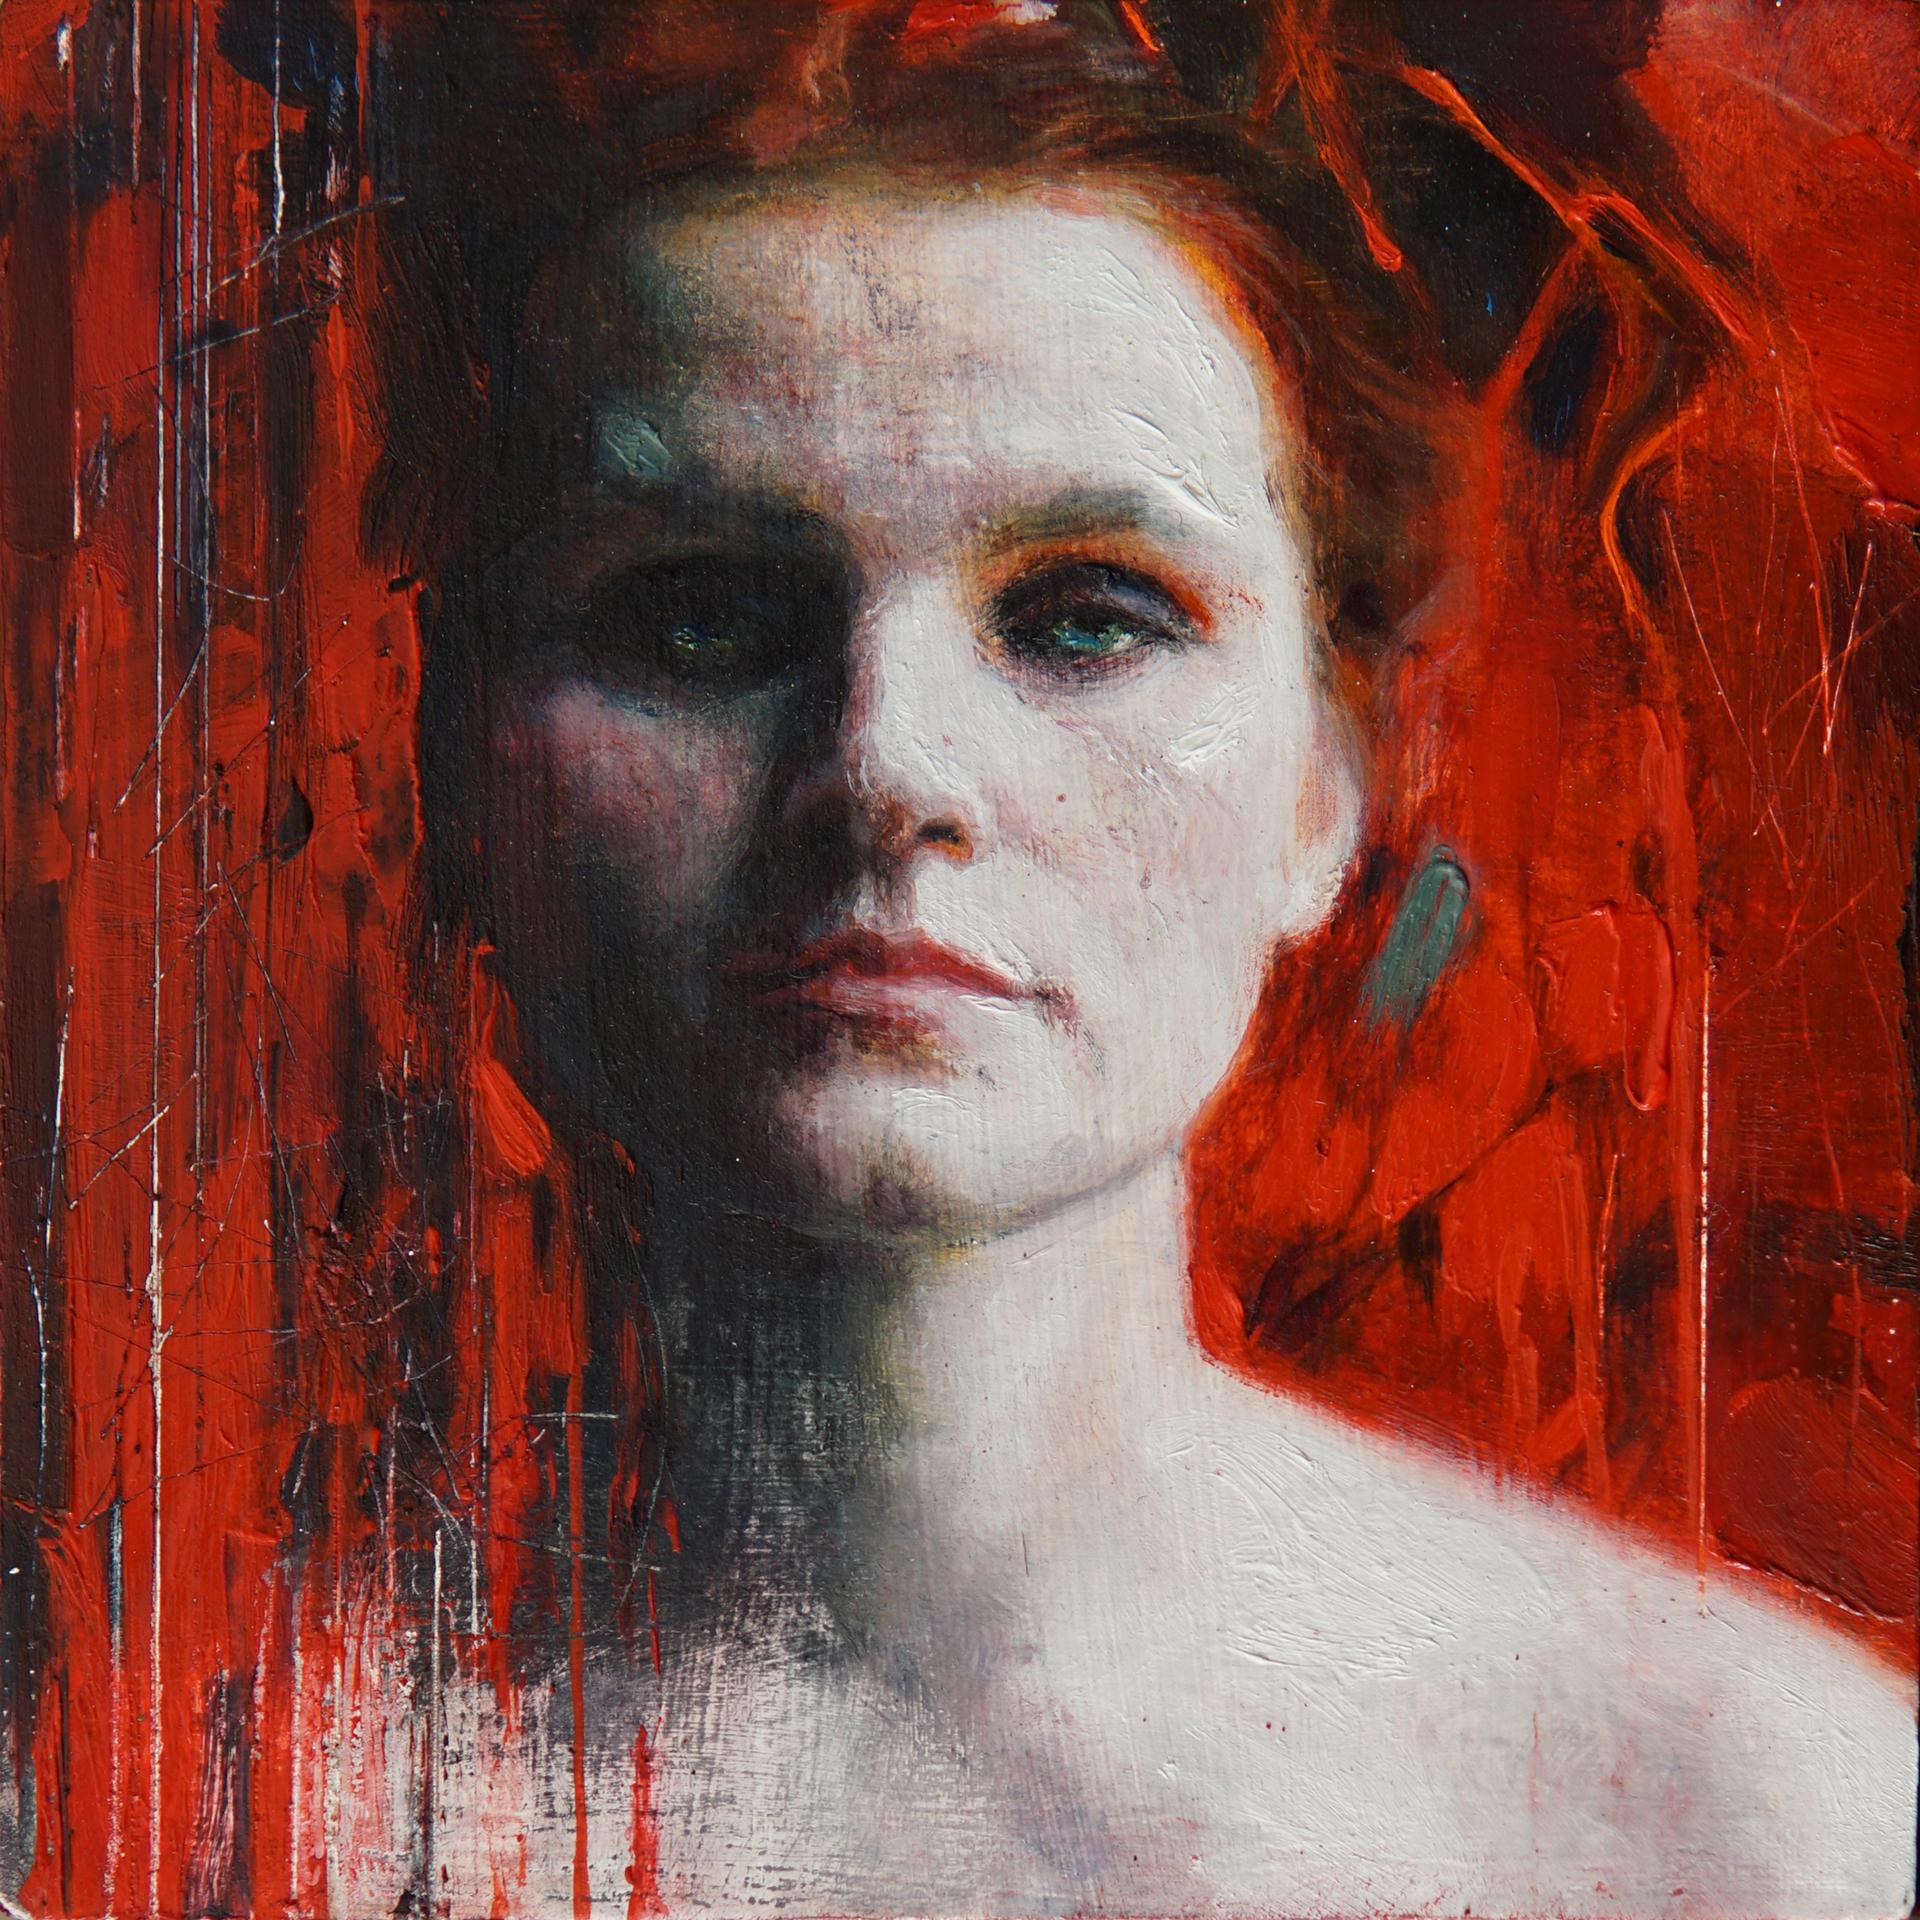 After All by Viktoria Savenkova